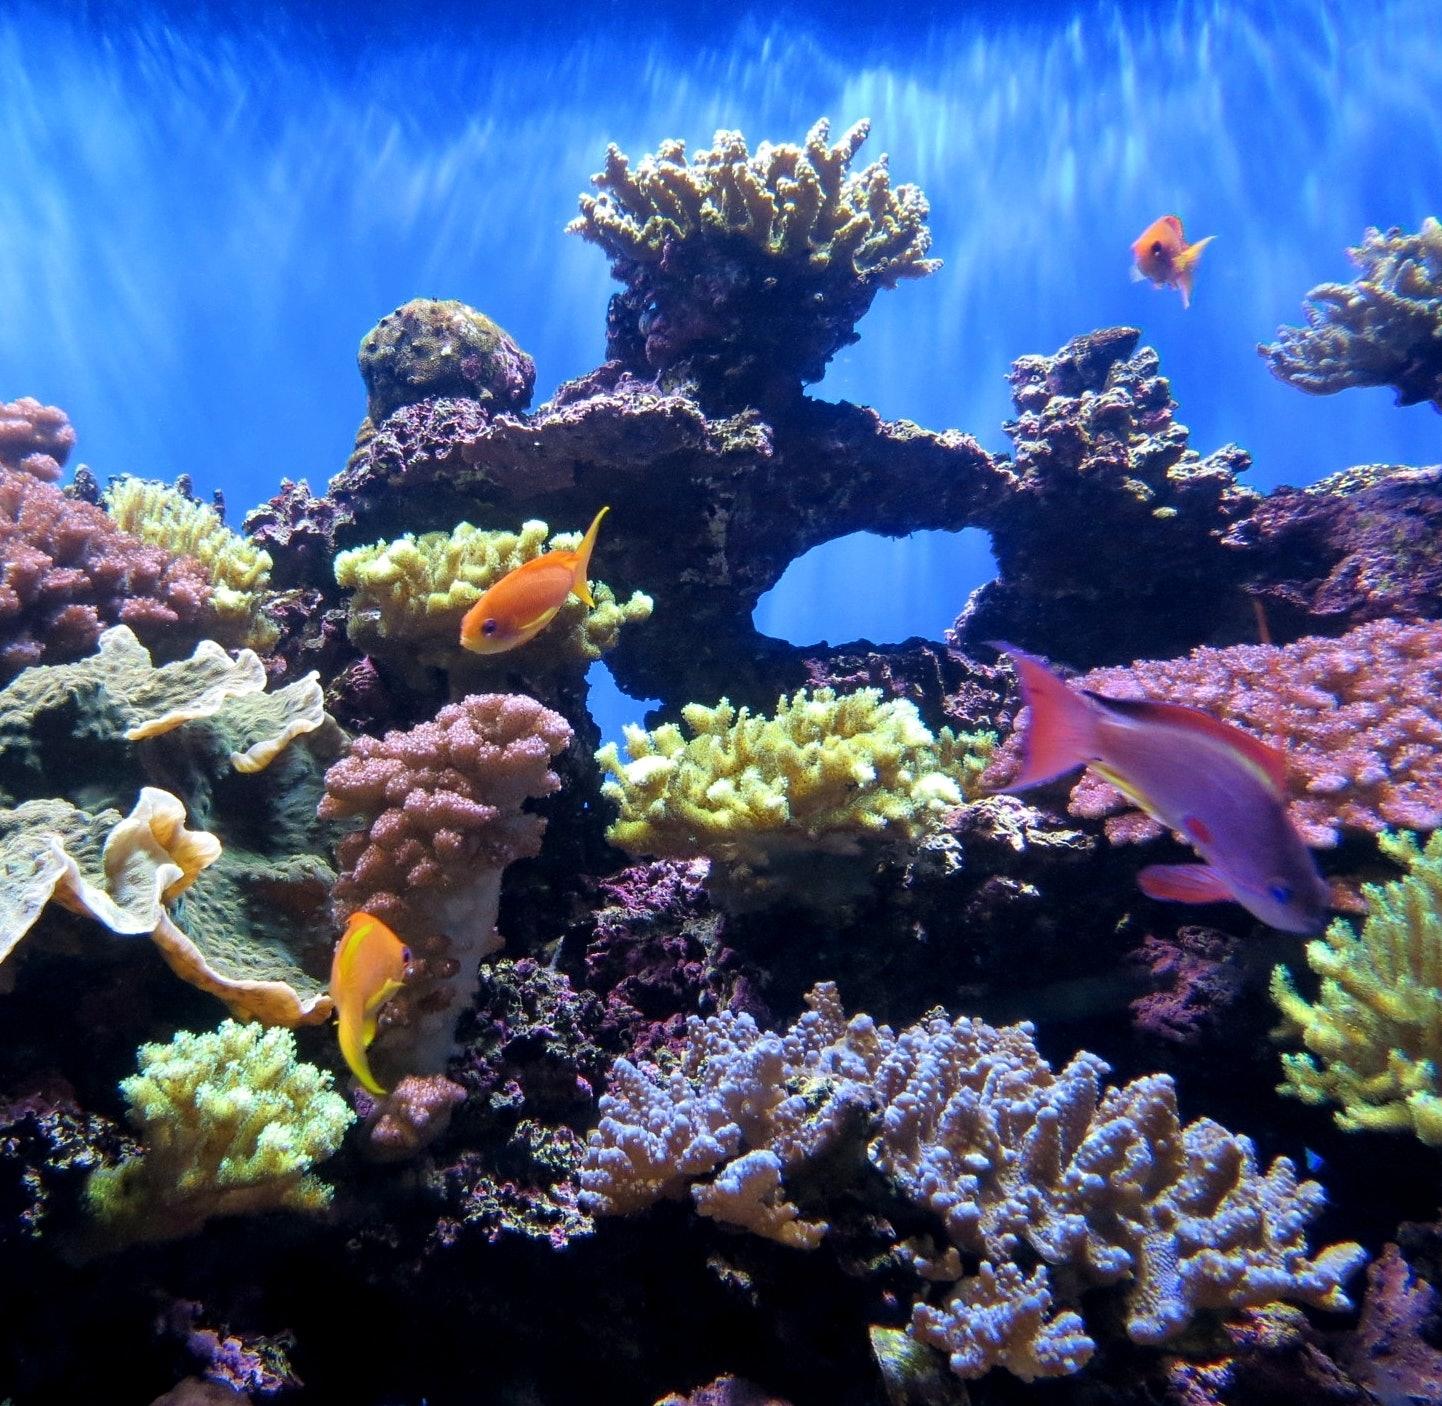 coral reef aquarium scrips birch aquarium fish fishes color